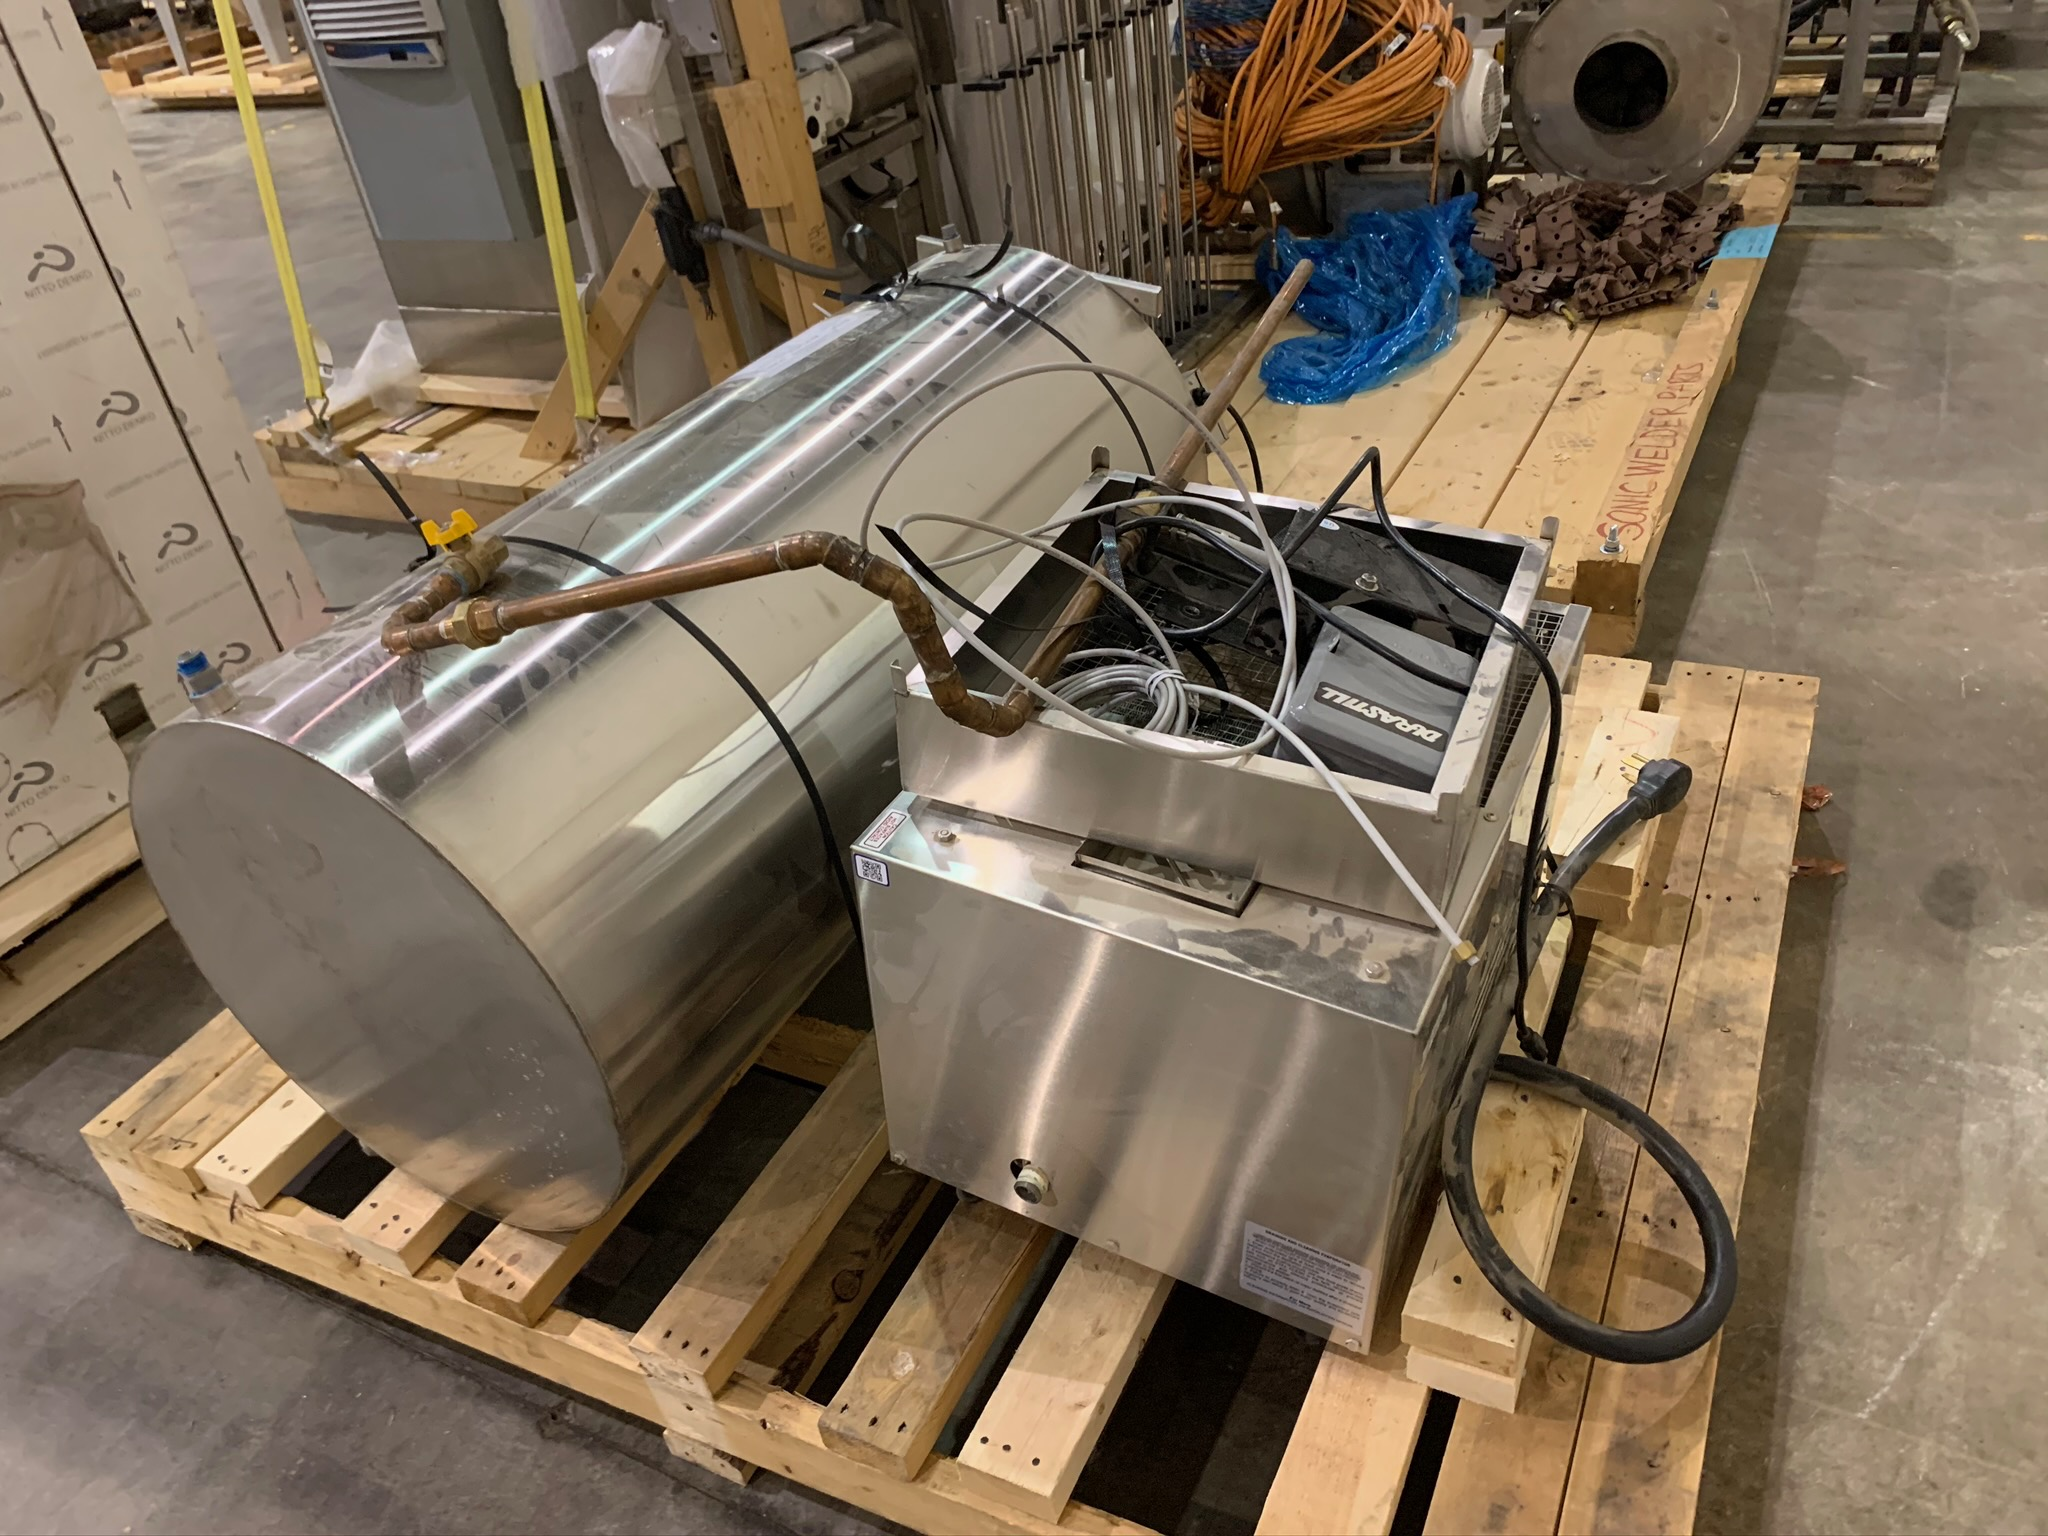 Durastill Water Distiller Model 42CJ14 S/N 100699 (Rigging Fee - $75) - Image 2 of 3